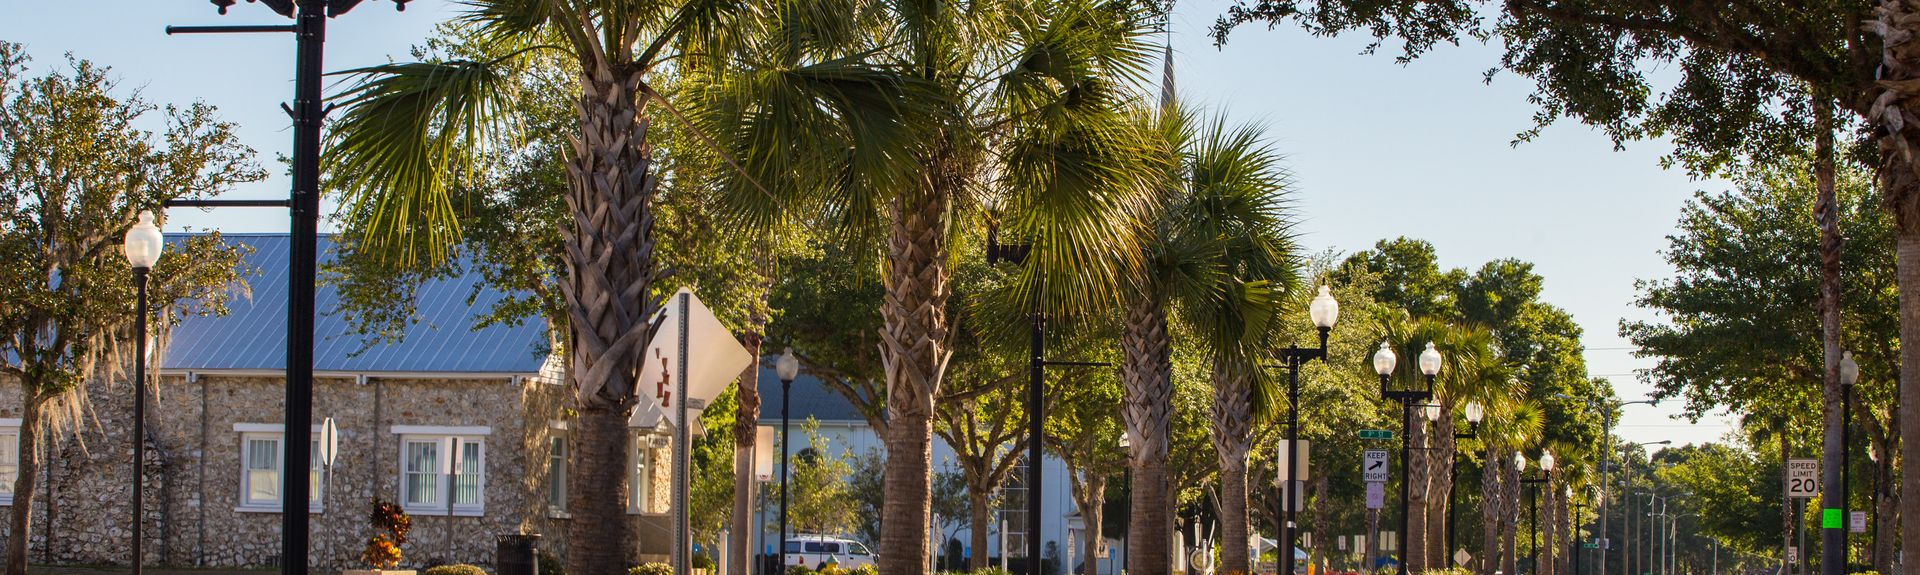 Zephyrhills, FL, USA